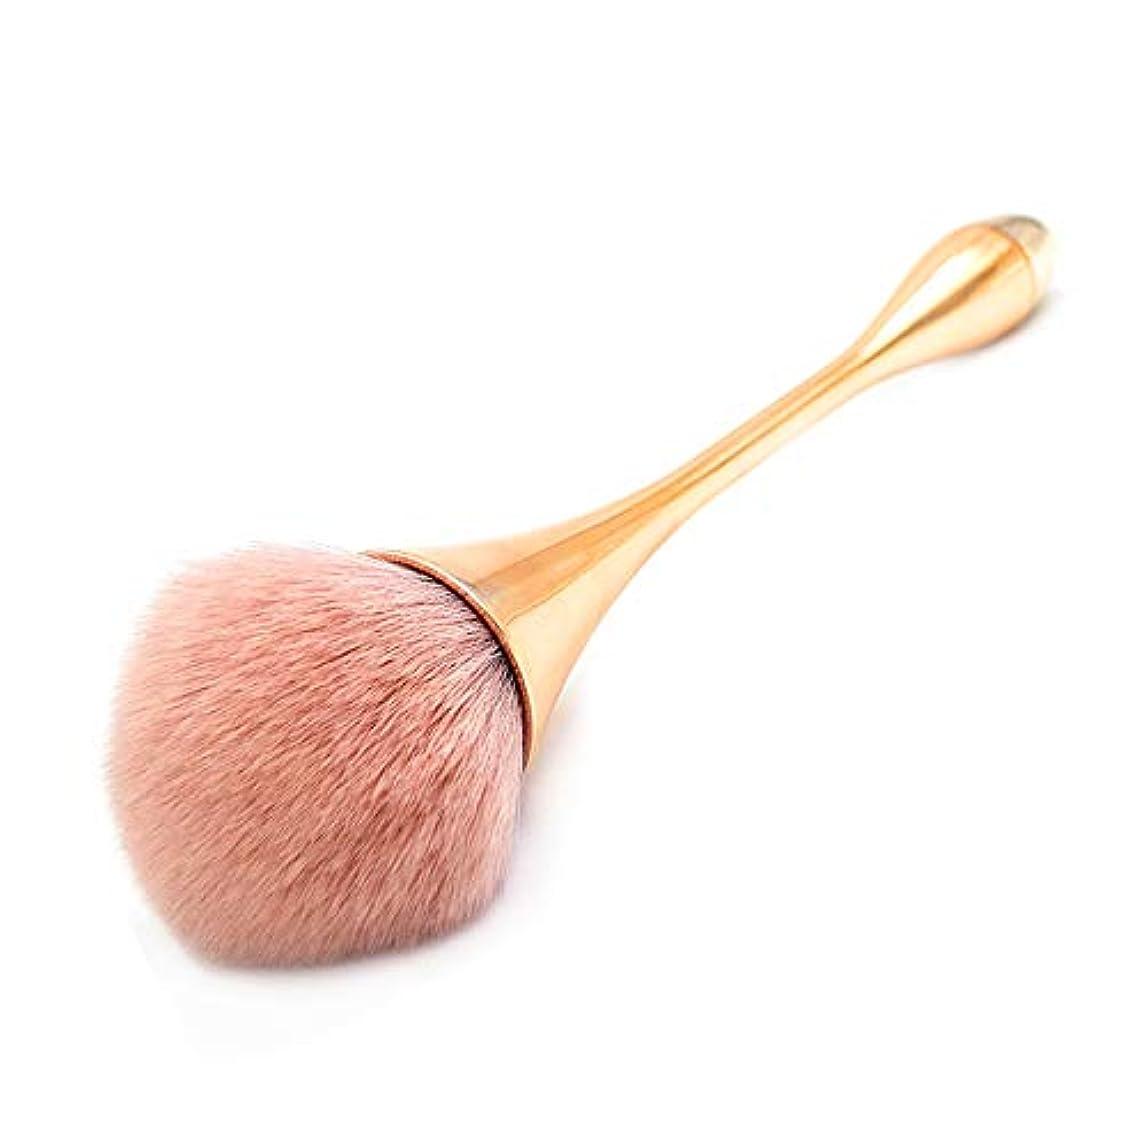 ふける届けるあいまいなVsheila 高級メイクブラシ 多機能メイクブラシ 化粧筆 ファンデーションブラシ フェイスブラシ パウダーブラシ ピンク